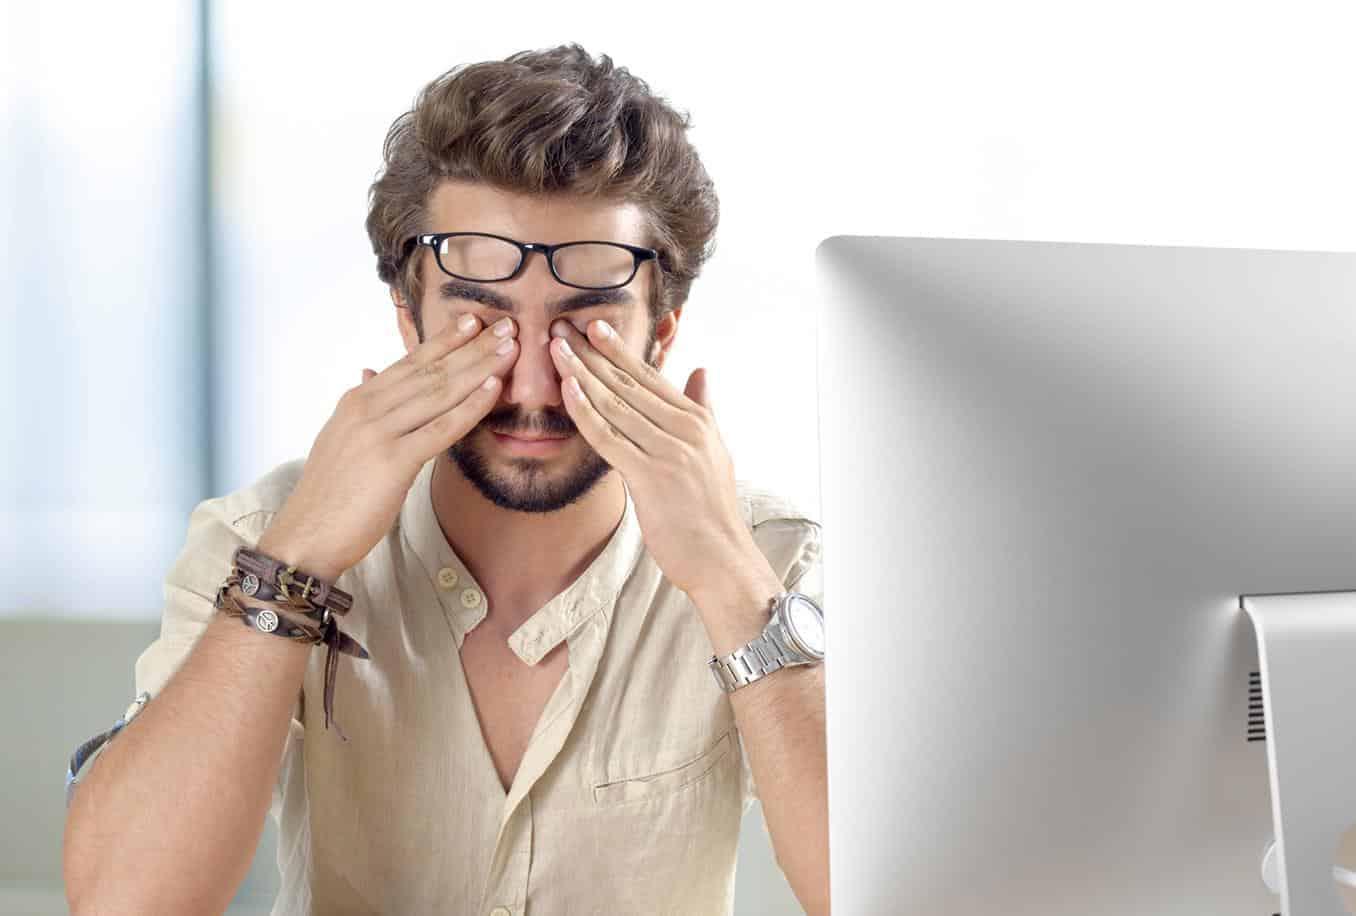 Thuốc bổ mắt là sản phẩm không thể thiếu cho những người thường xuyên làm việc với máy tính